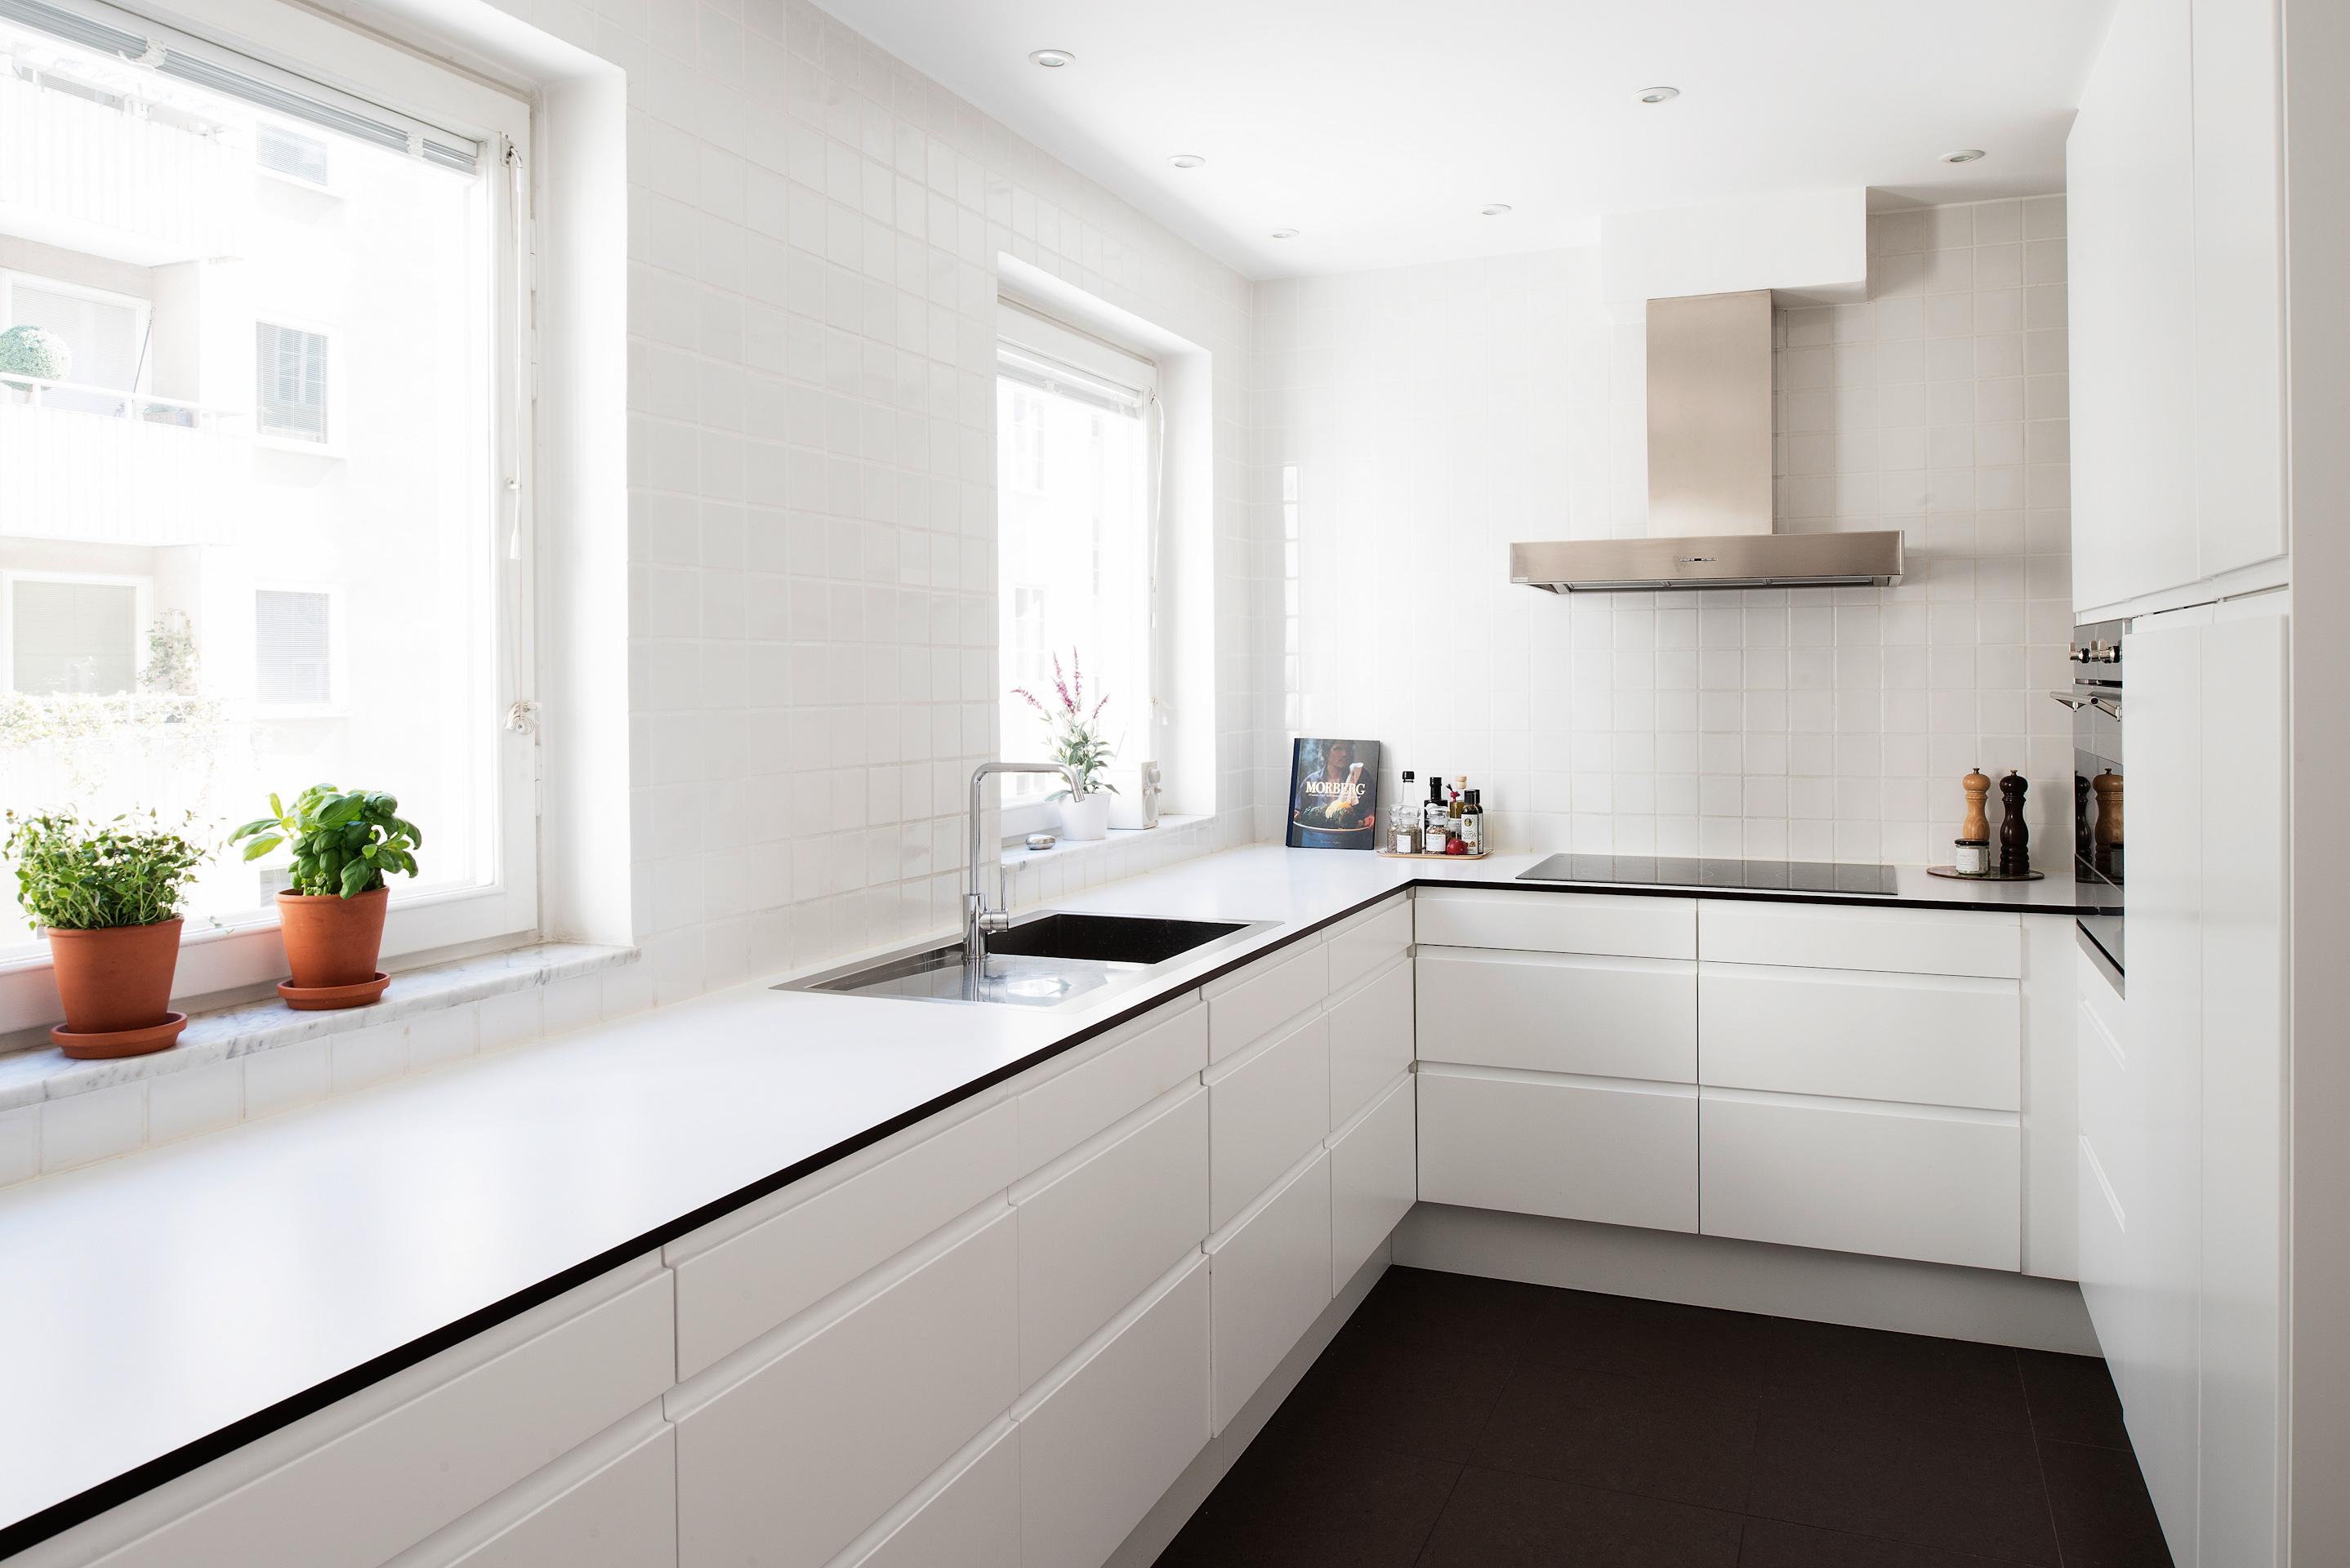 Cocinas modernas blancas good regan baker cocina blanca for Cocinas blancas